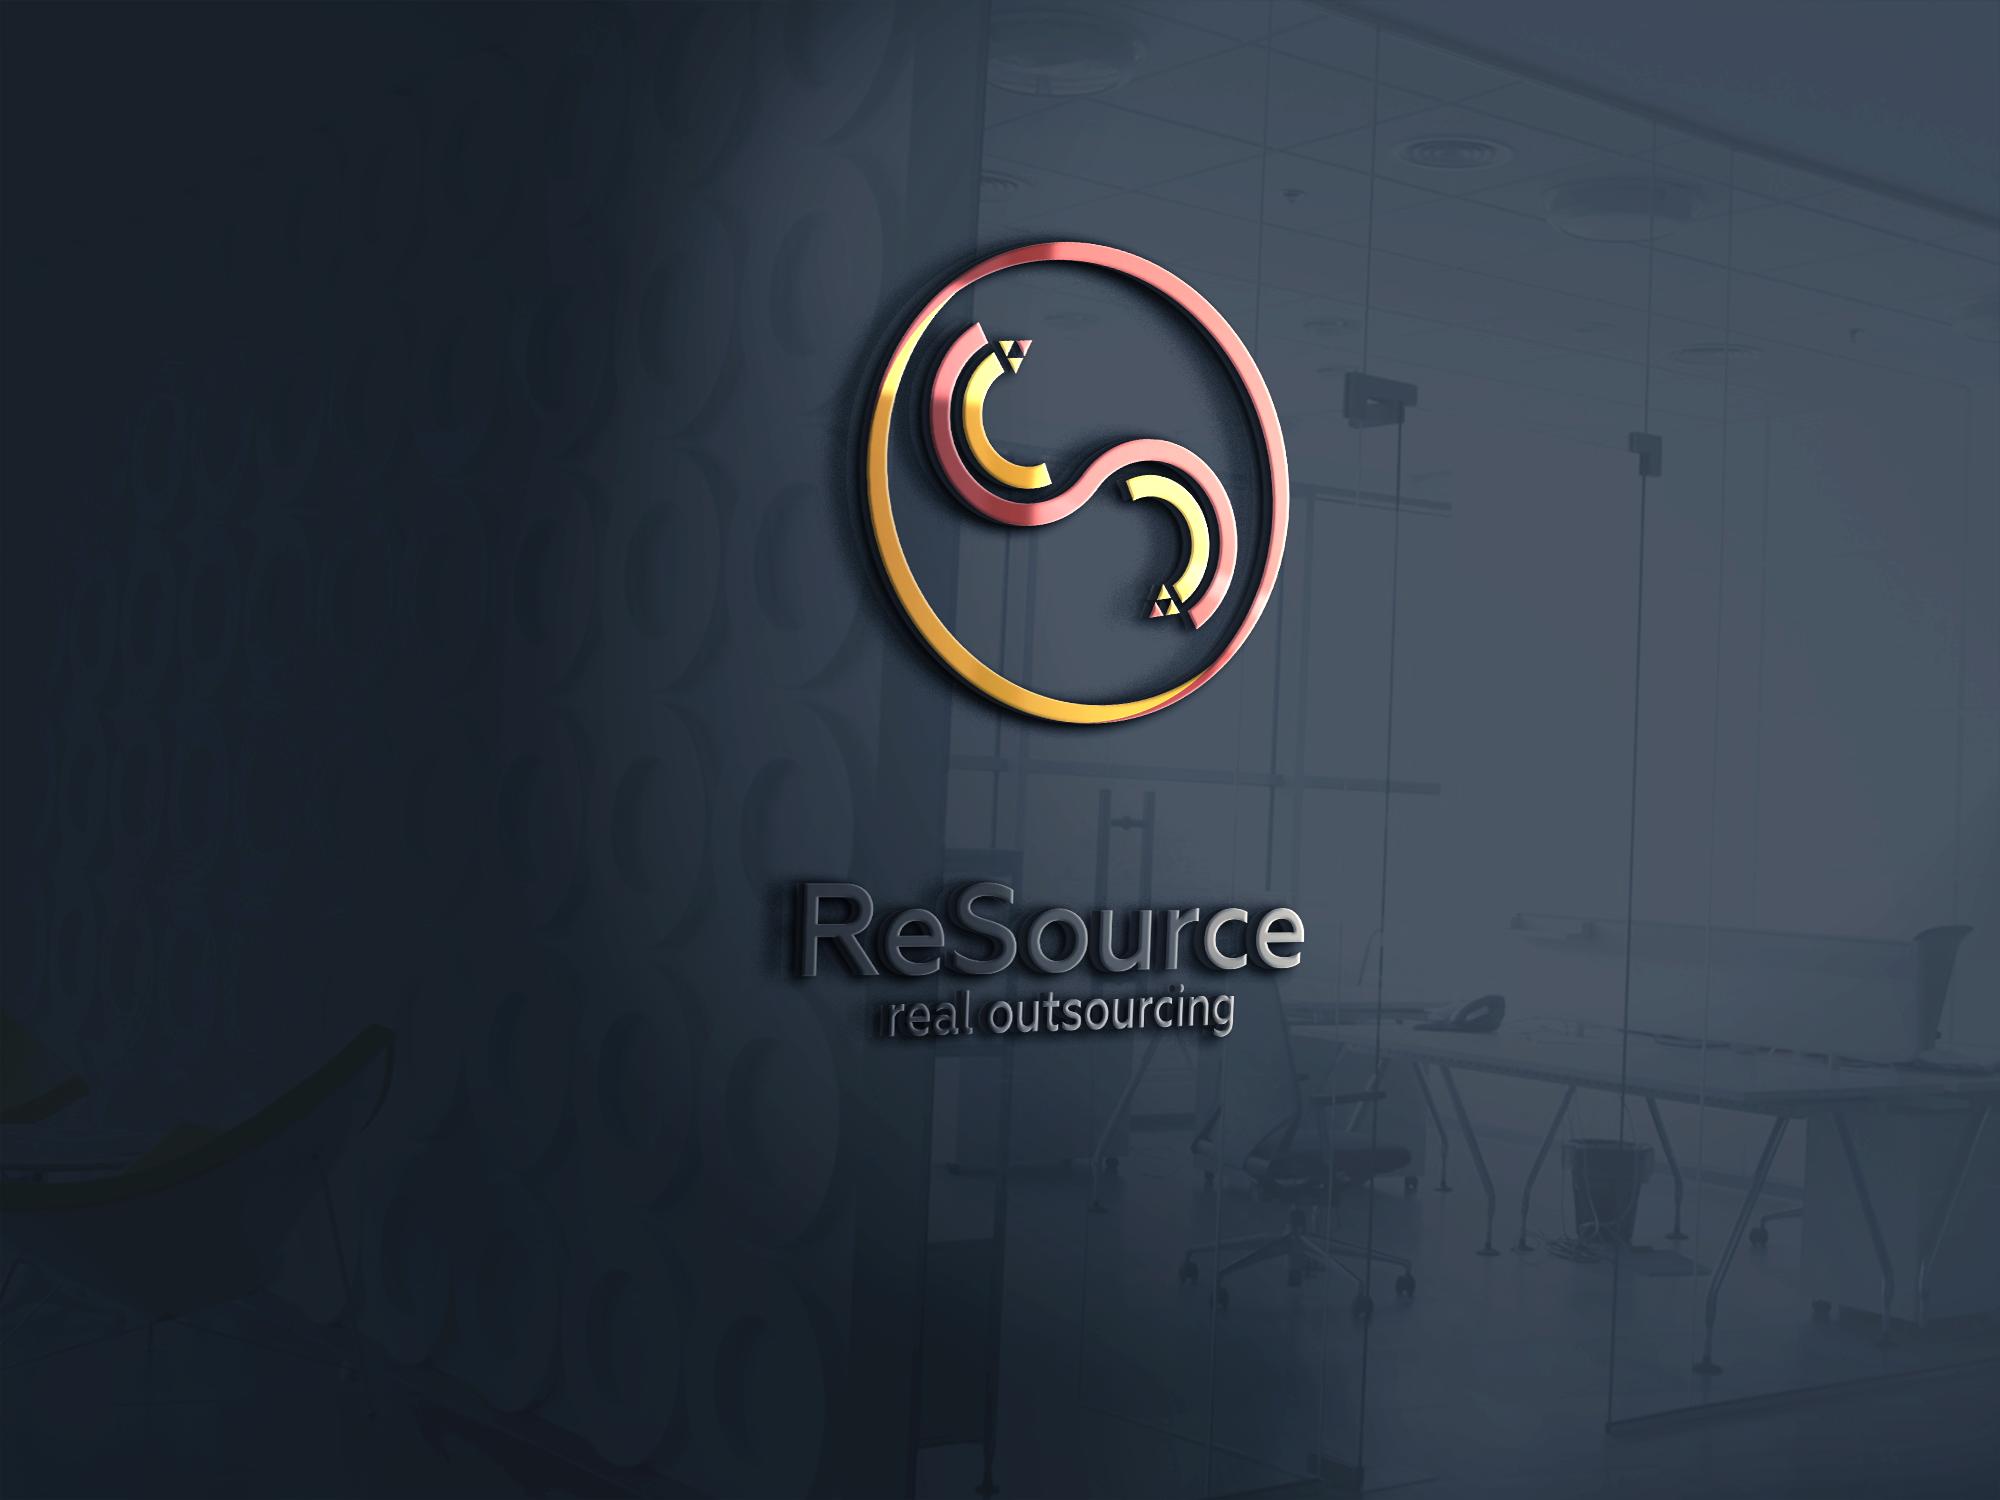 Нейминг и логотип компании, занимающейся аутсорсингом фото f_96559d92cfd77ce7.png